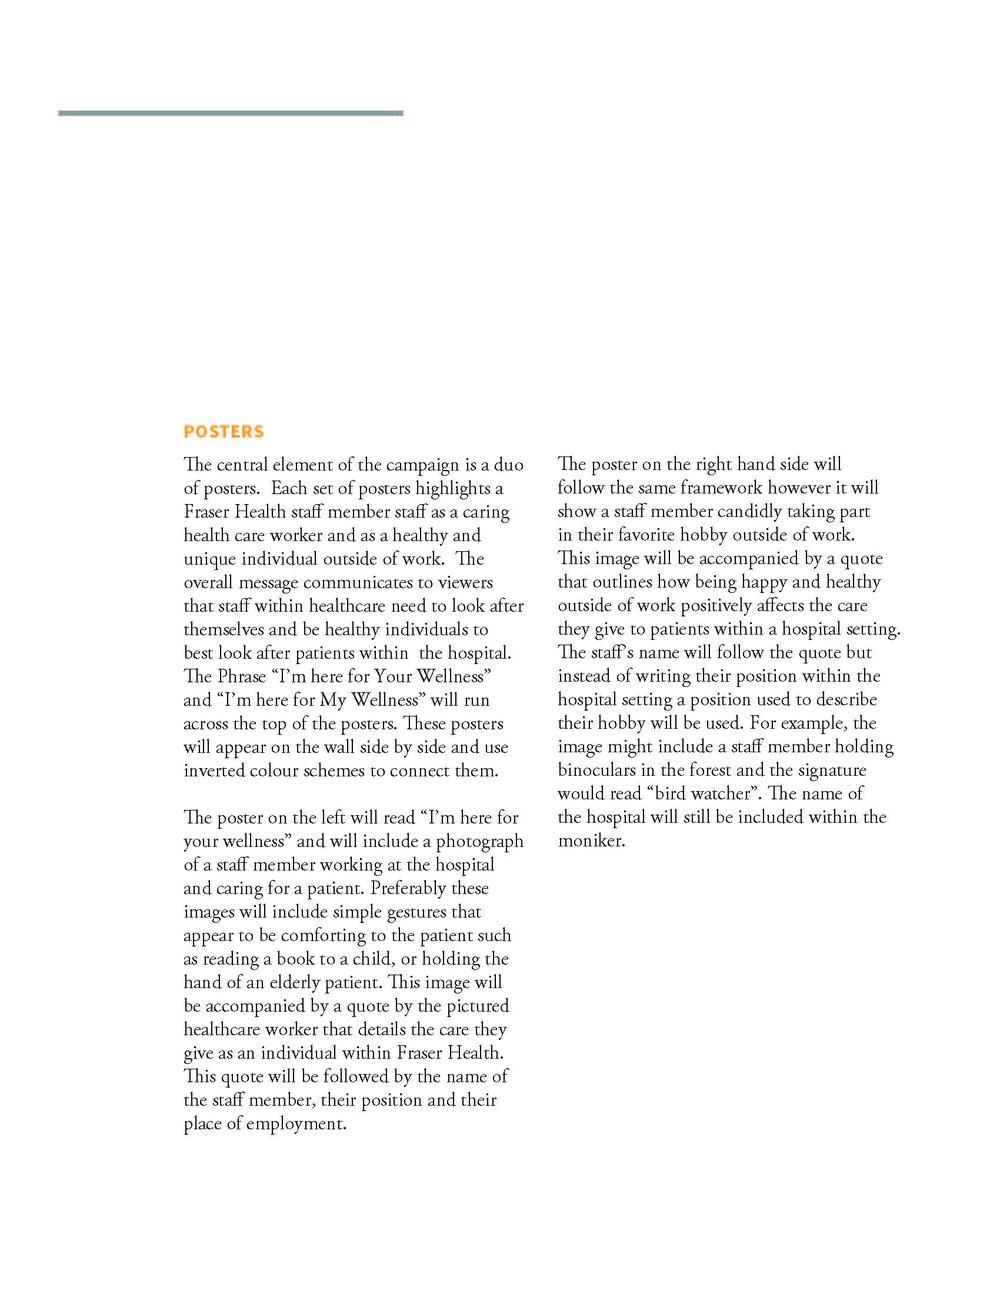 Copy of HDL_Fraser_Health_V4_Page_36.jpg